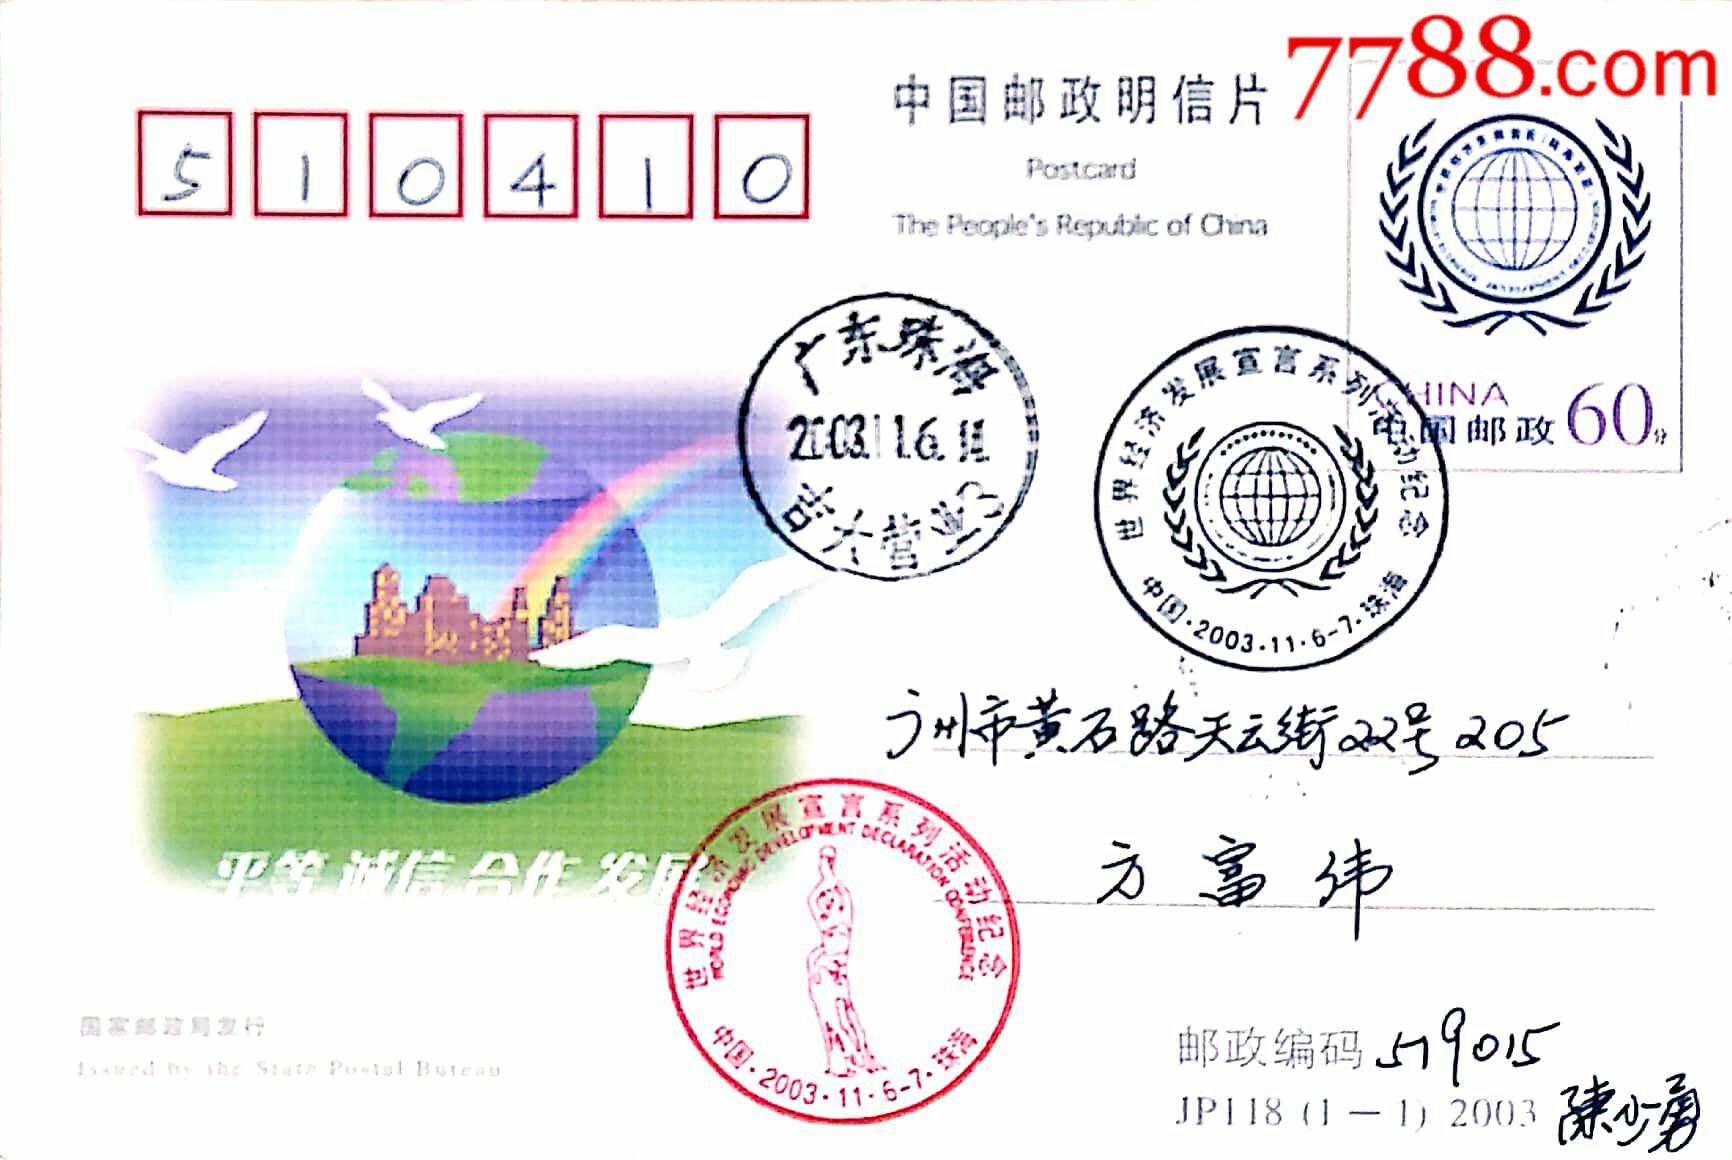 【1元起拍】JP118《2003世界经济发展宣言(珠海宣言)》原地首日实寄(au21331686)_